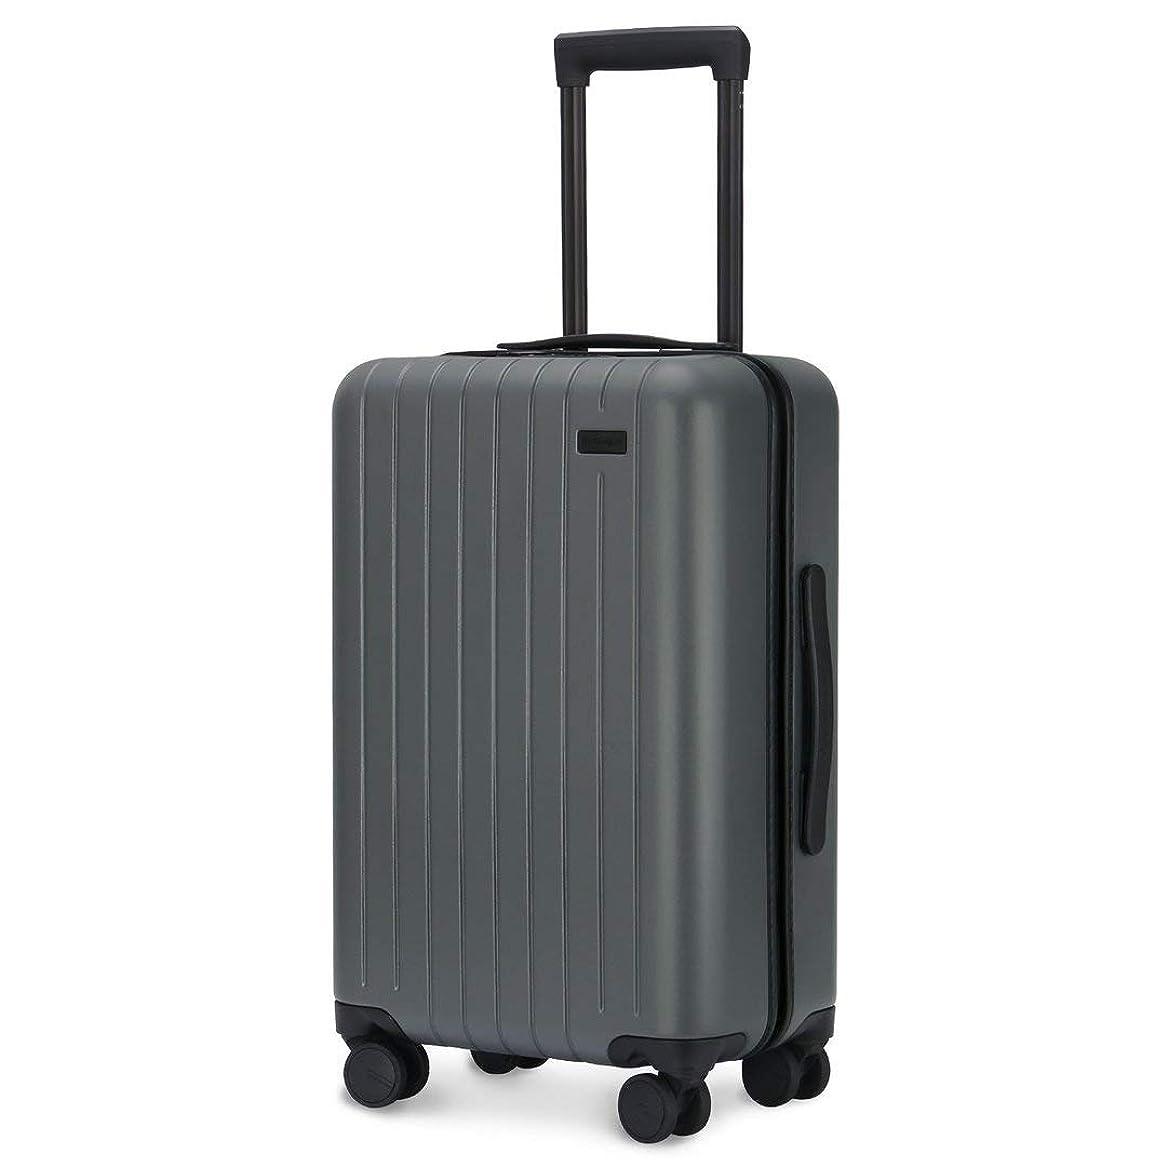 溶接スキム検出GoPenguin スーツケース, 機内持込 キャリーケース 4輪 静音, ハード PC スーツケース 小型 TSAロック搭載